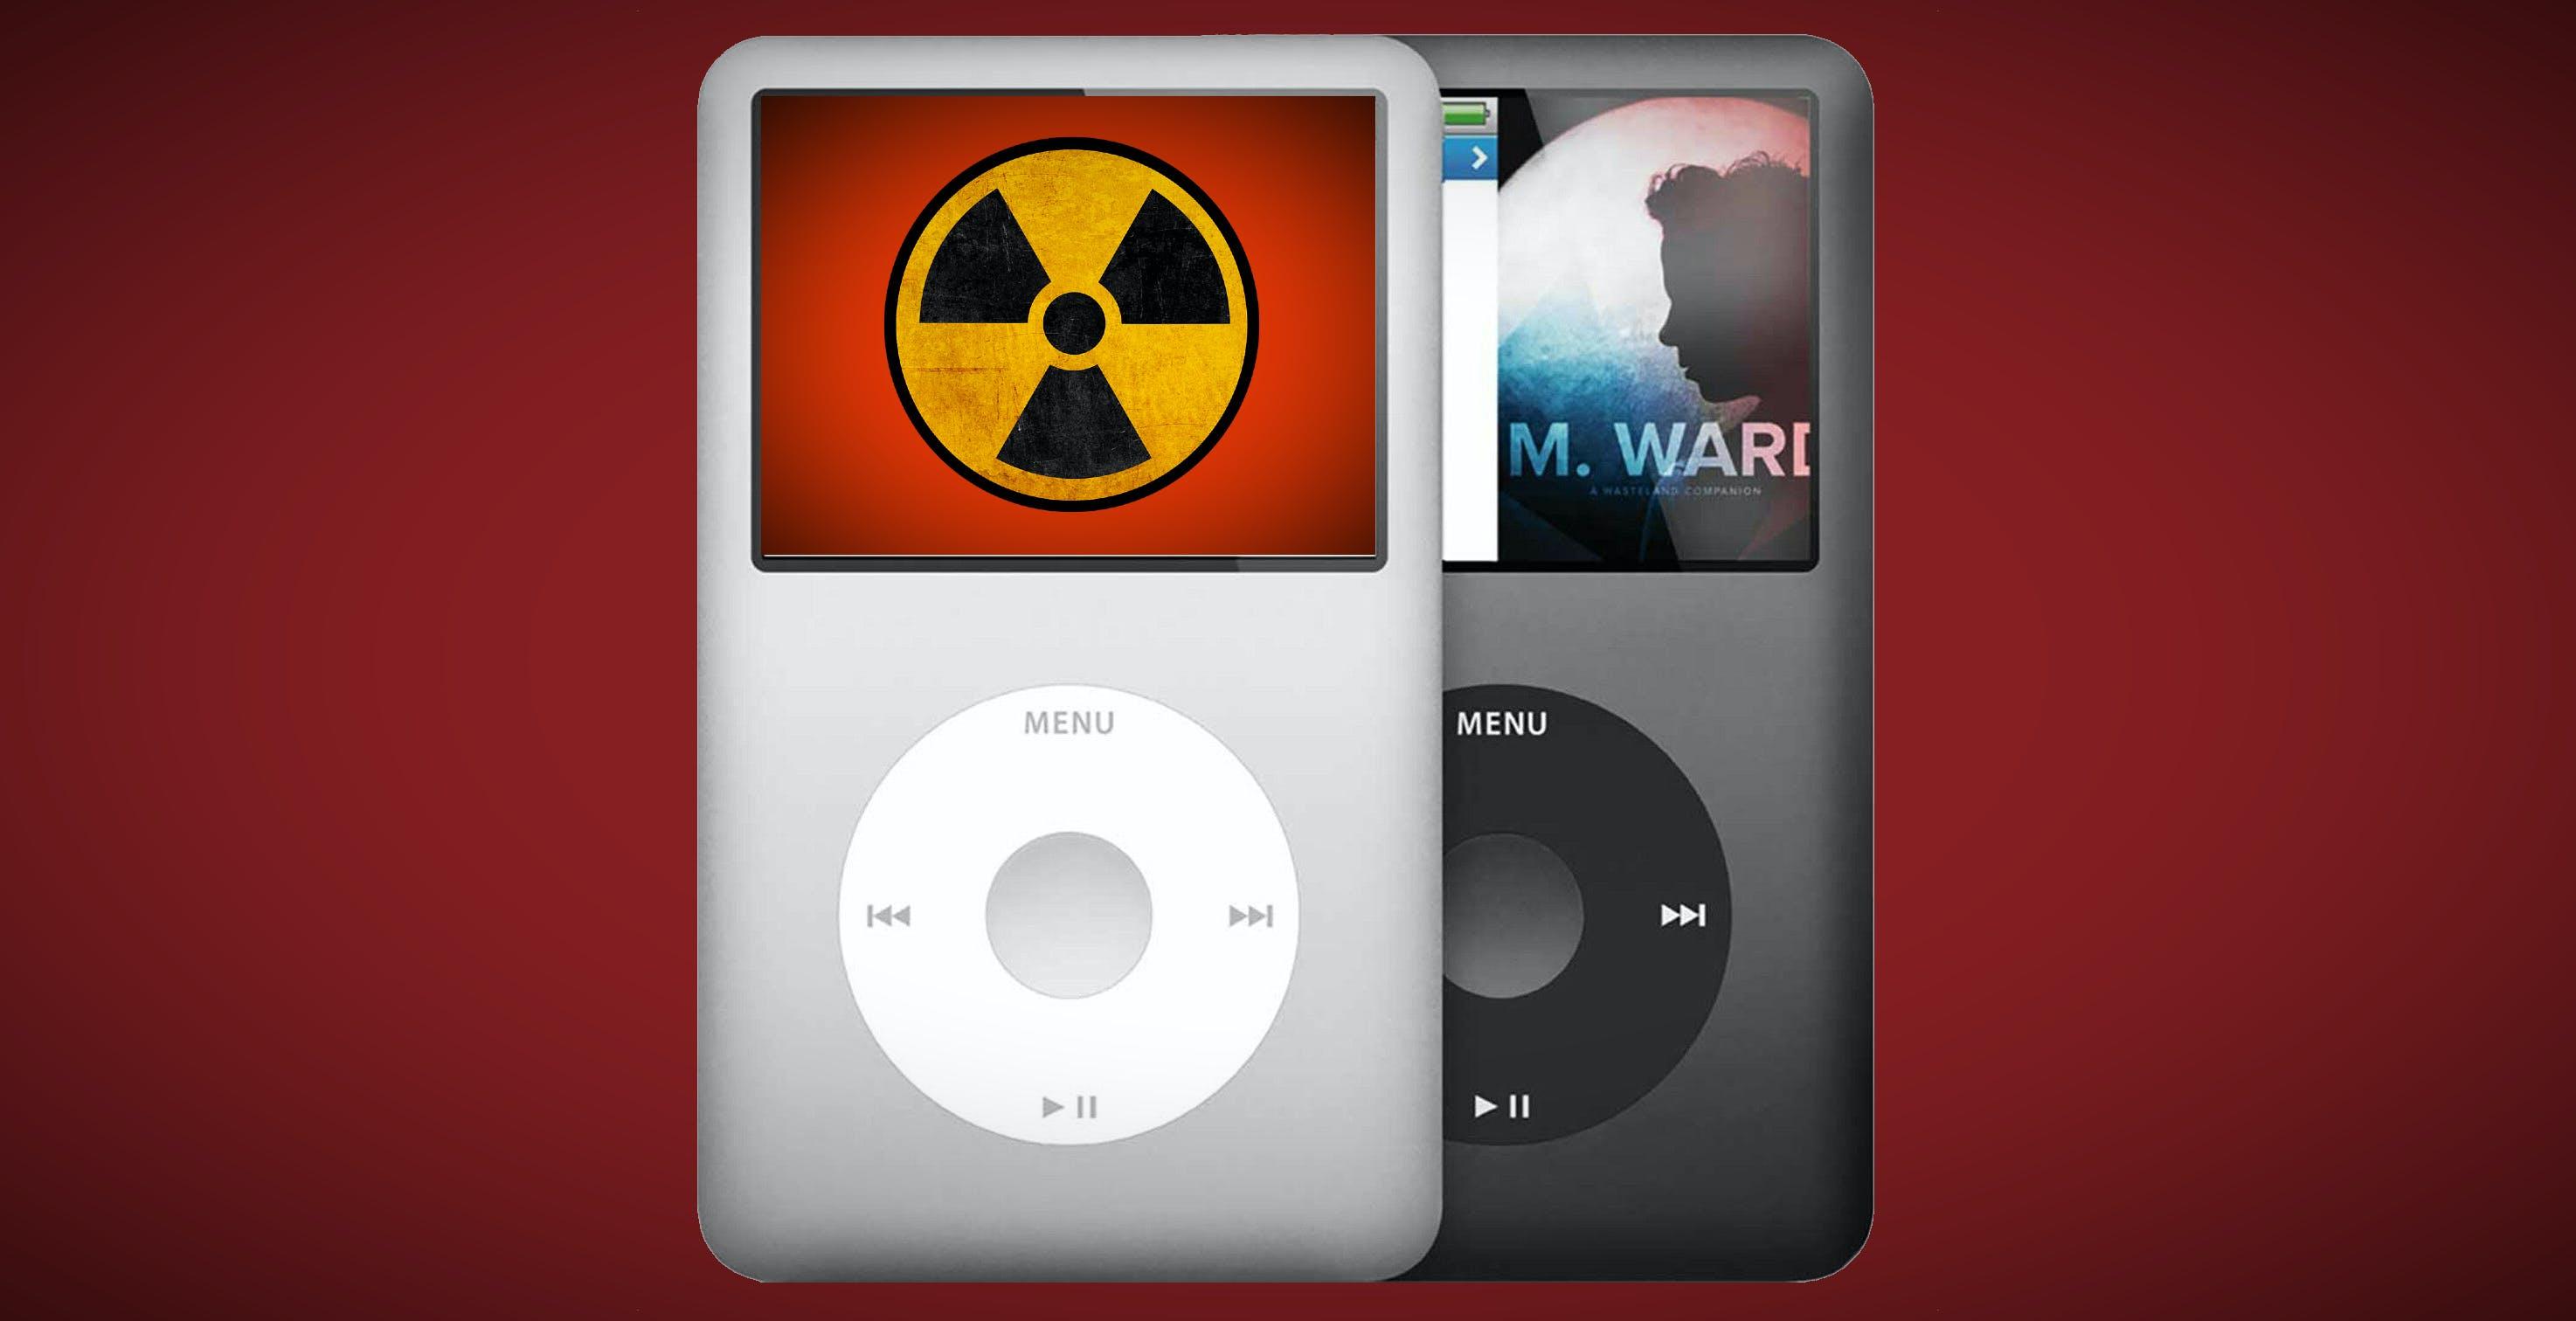 L'incredibile storia dell'iPod top-secret sviluppato per il governo americano